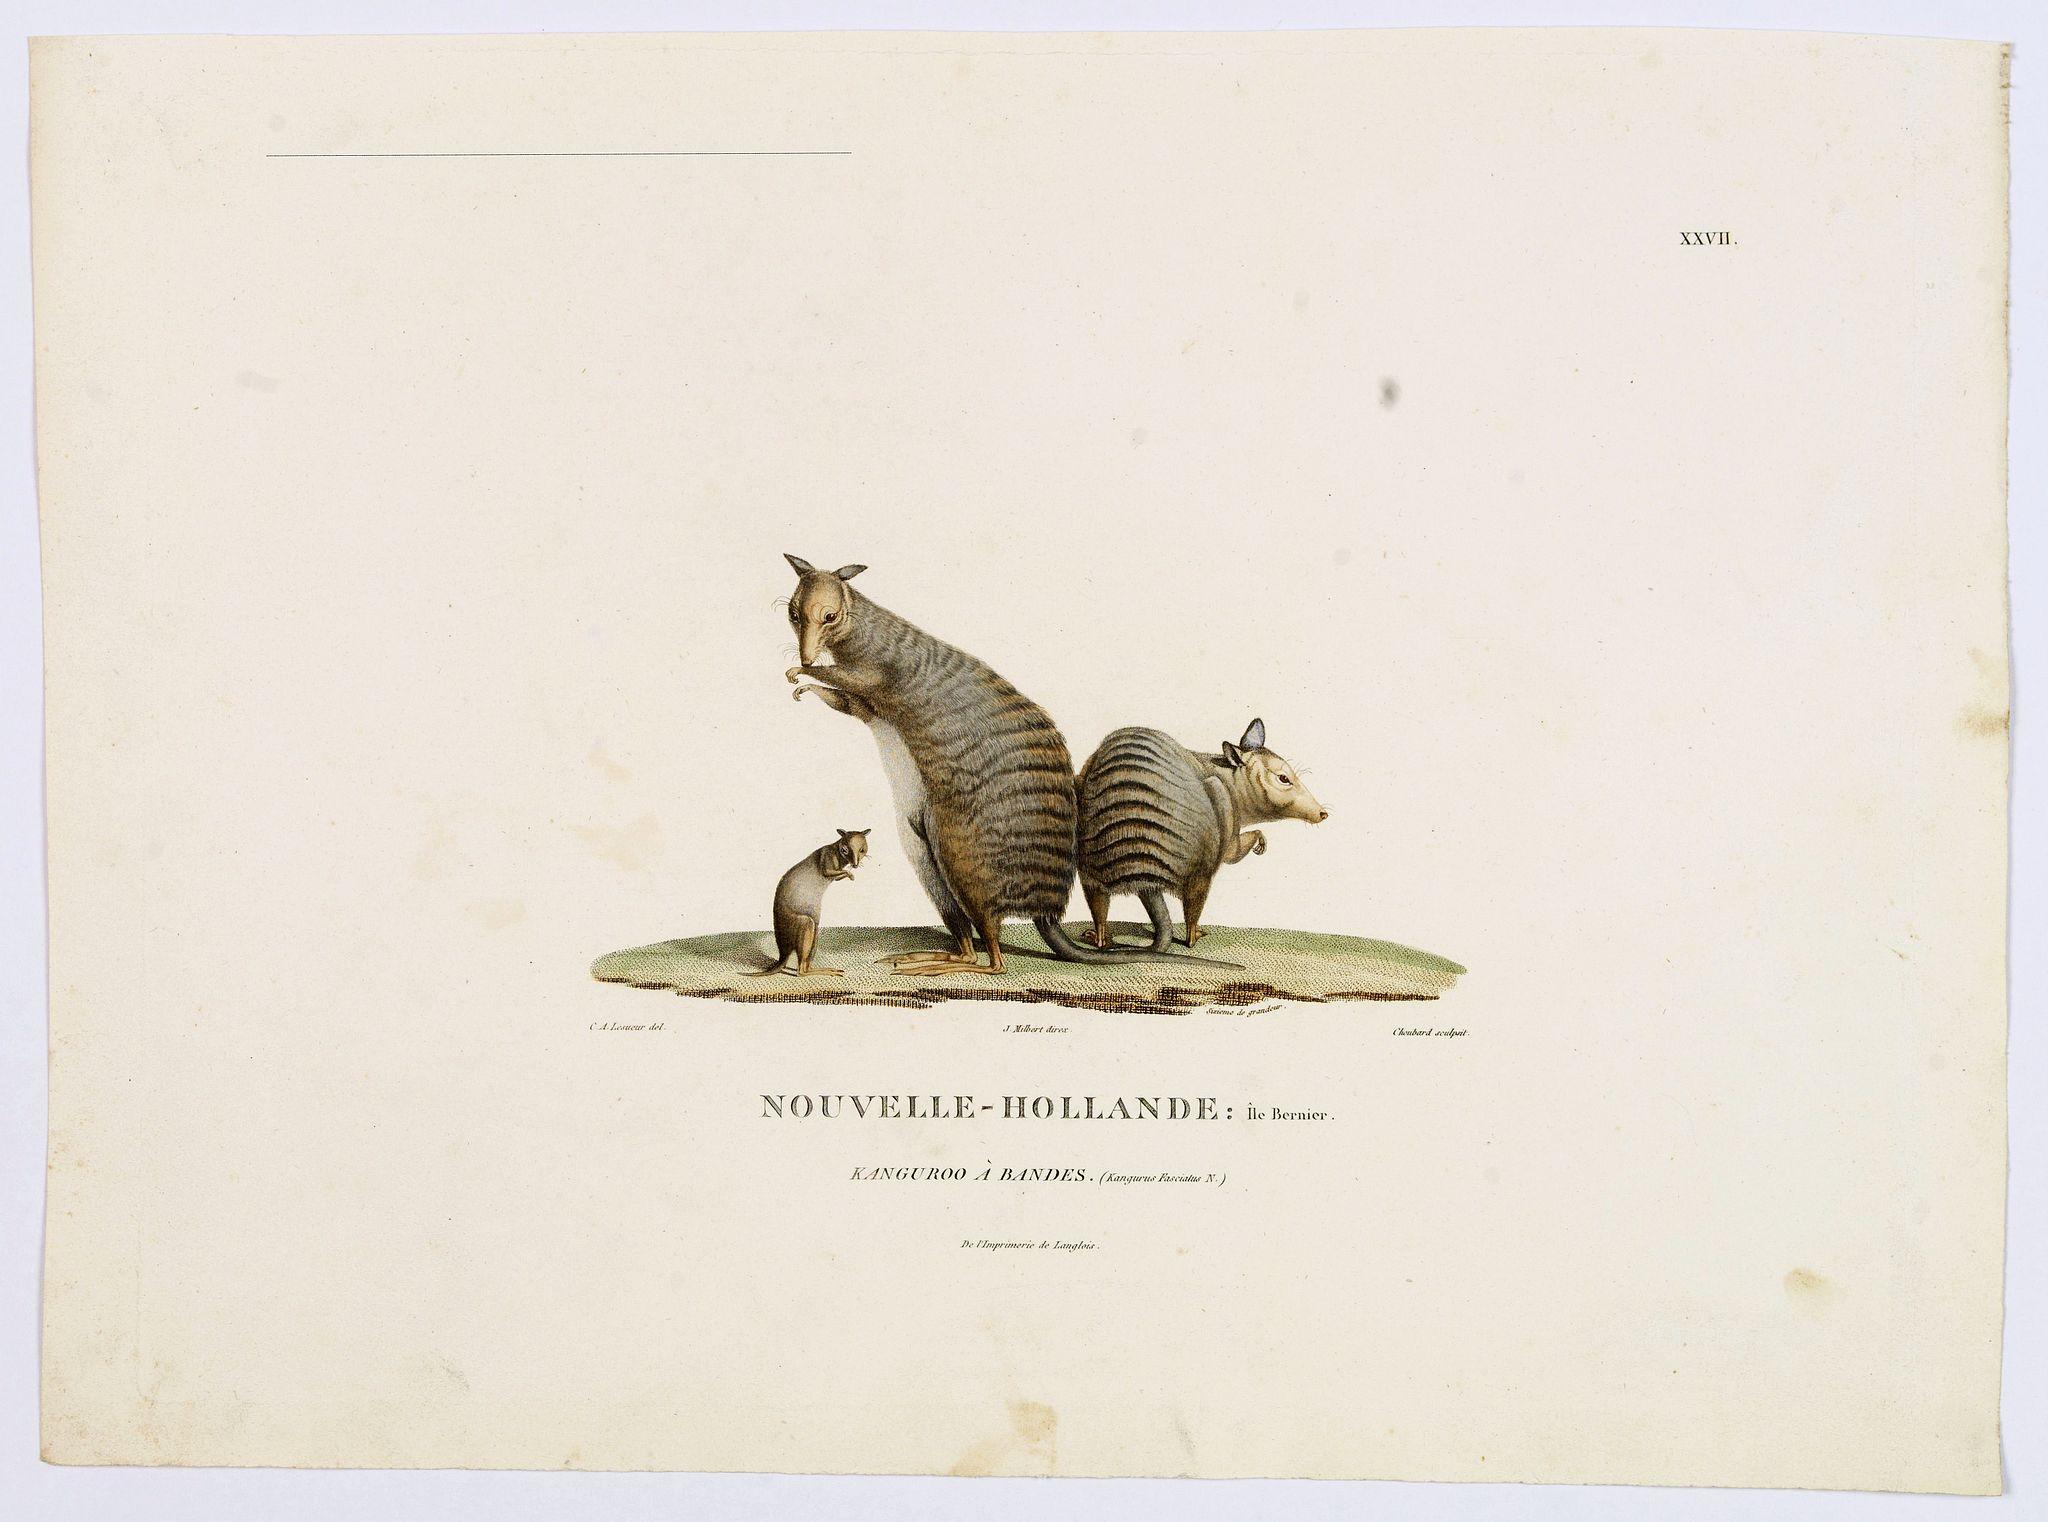 LESUEUR, C-A. / PERON, F. -  Nouvelle-Hollande: Ile Bernier, Kanguroo a Bandes. [plate XXVII]